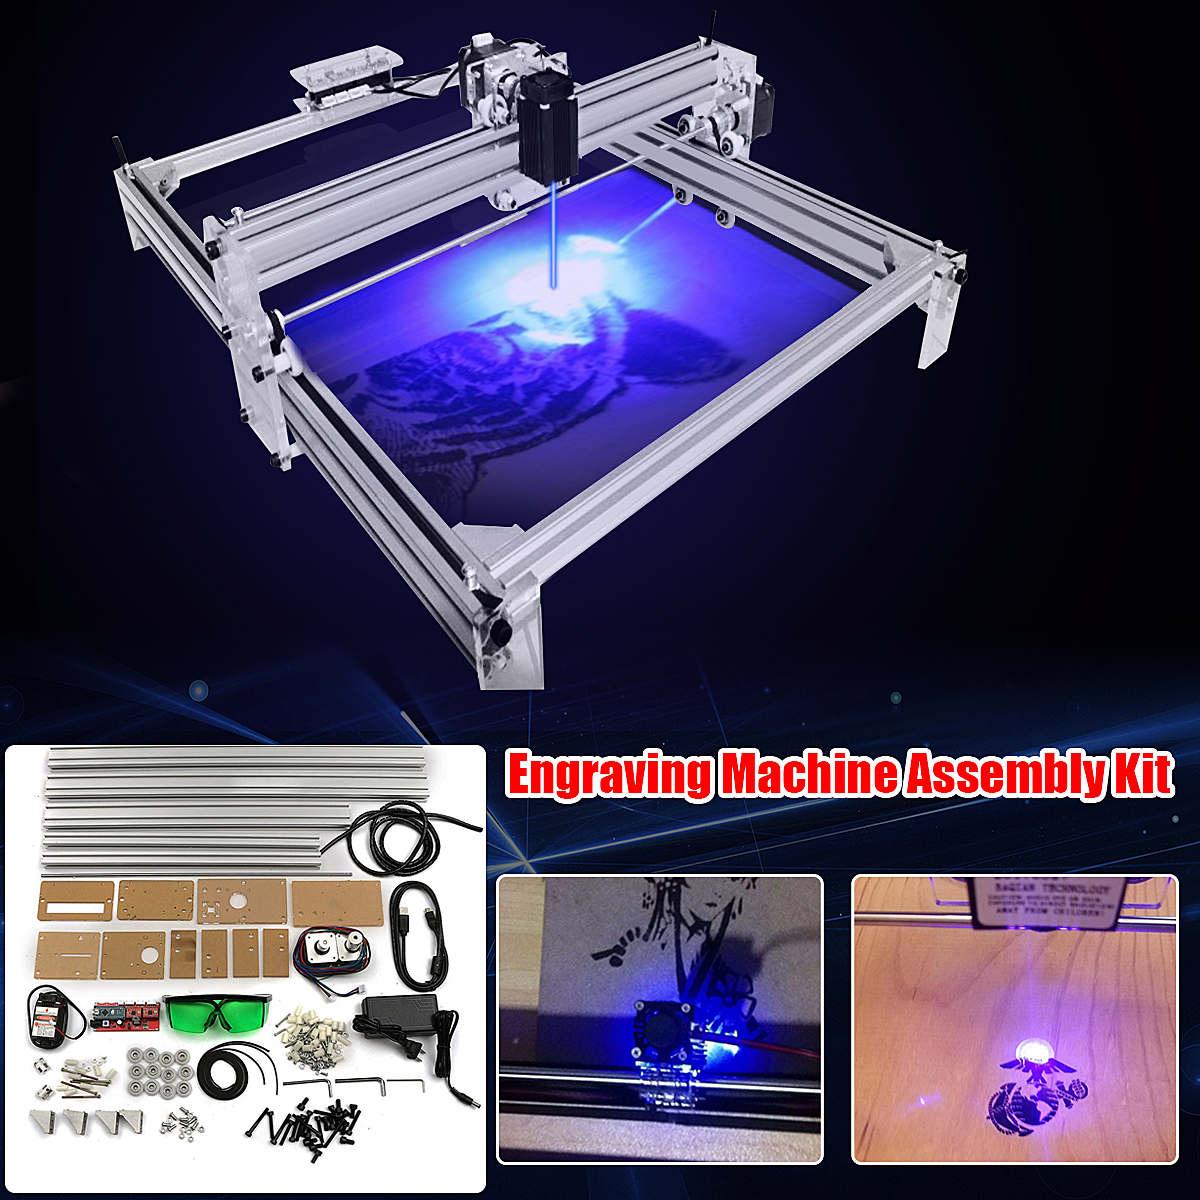 40X50 CM 500 mW FAI DA TE Mini Desktop Blu Incisione Laser Incisore Macchina del Router di Legno/Cutter/Stampante/potenza Regolabile + Occhiali Laser